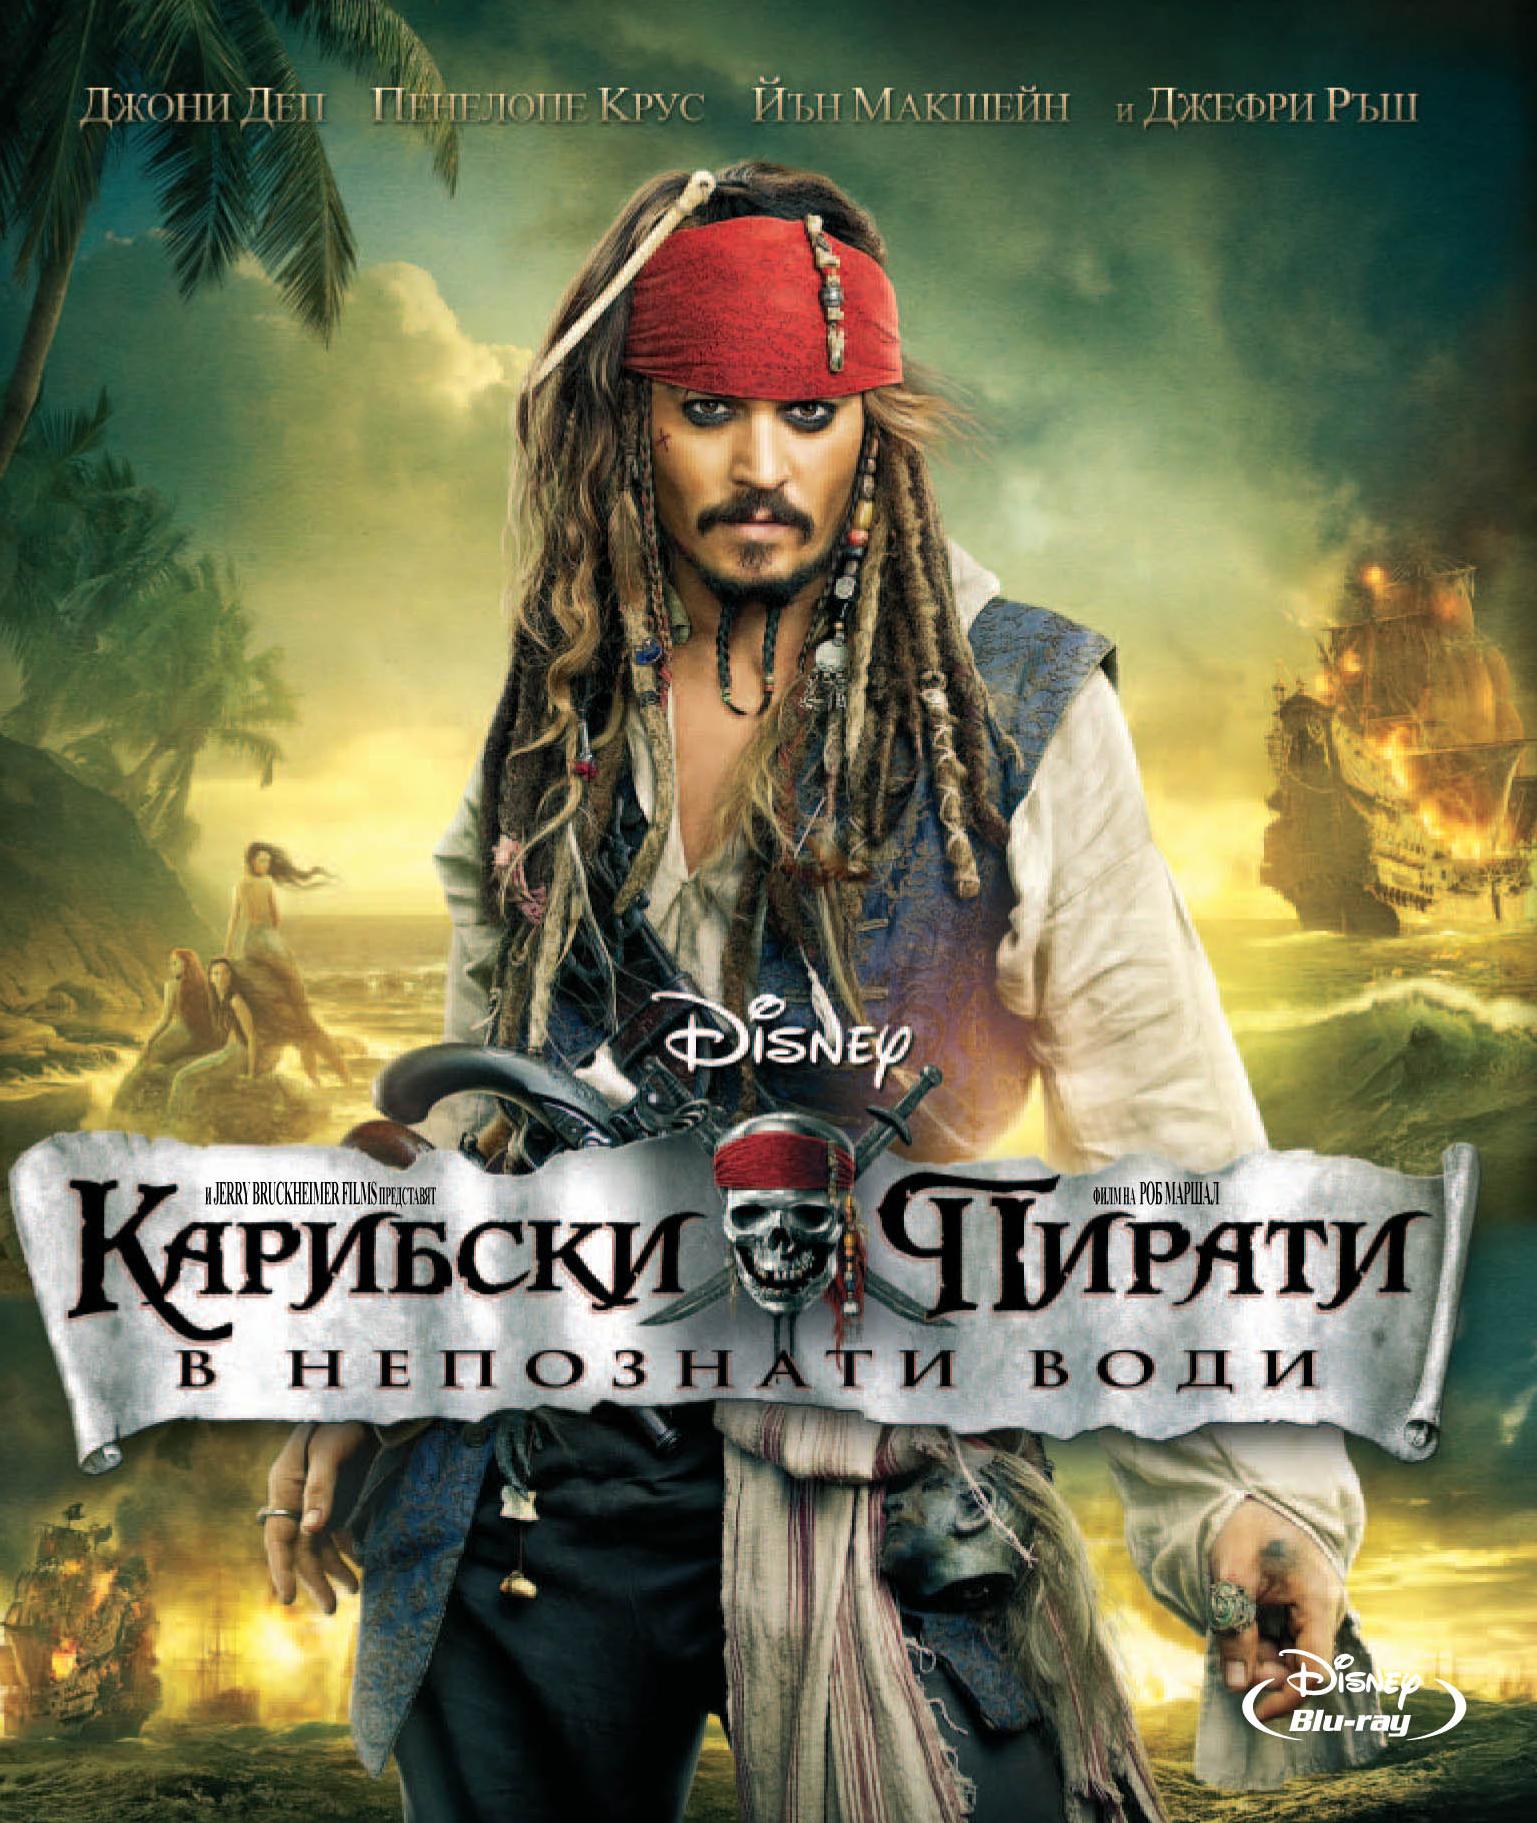 Pirates of the Caribbean On Stranger Tides / Карибски пирати: В непознати води (2011)